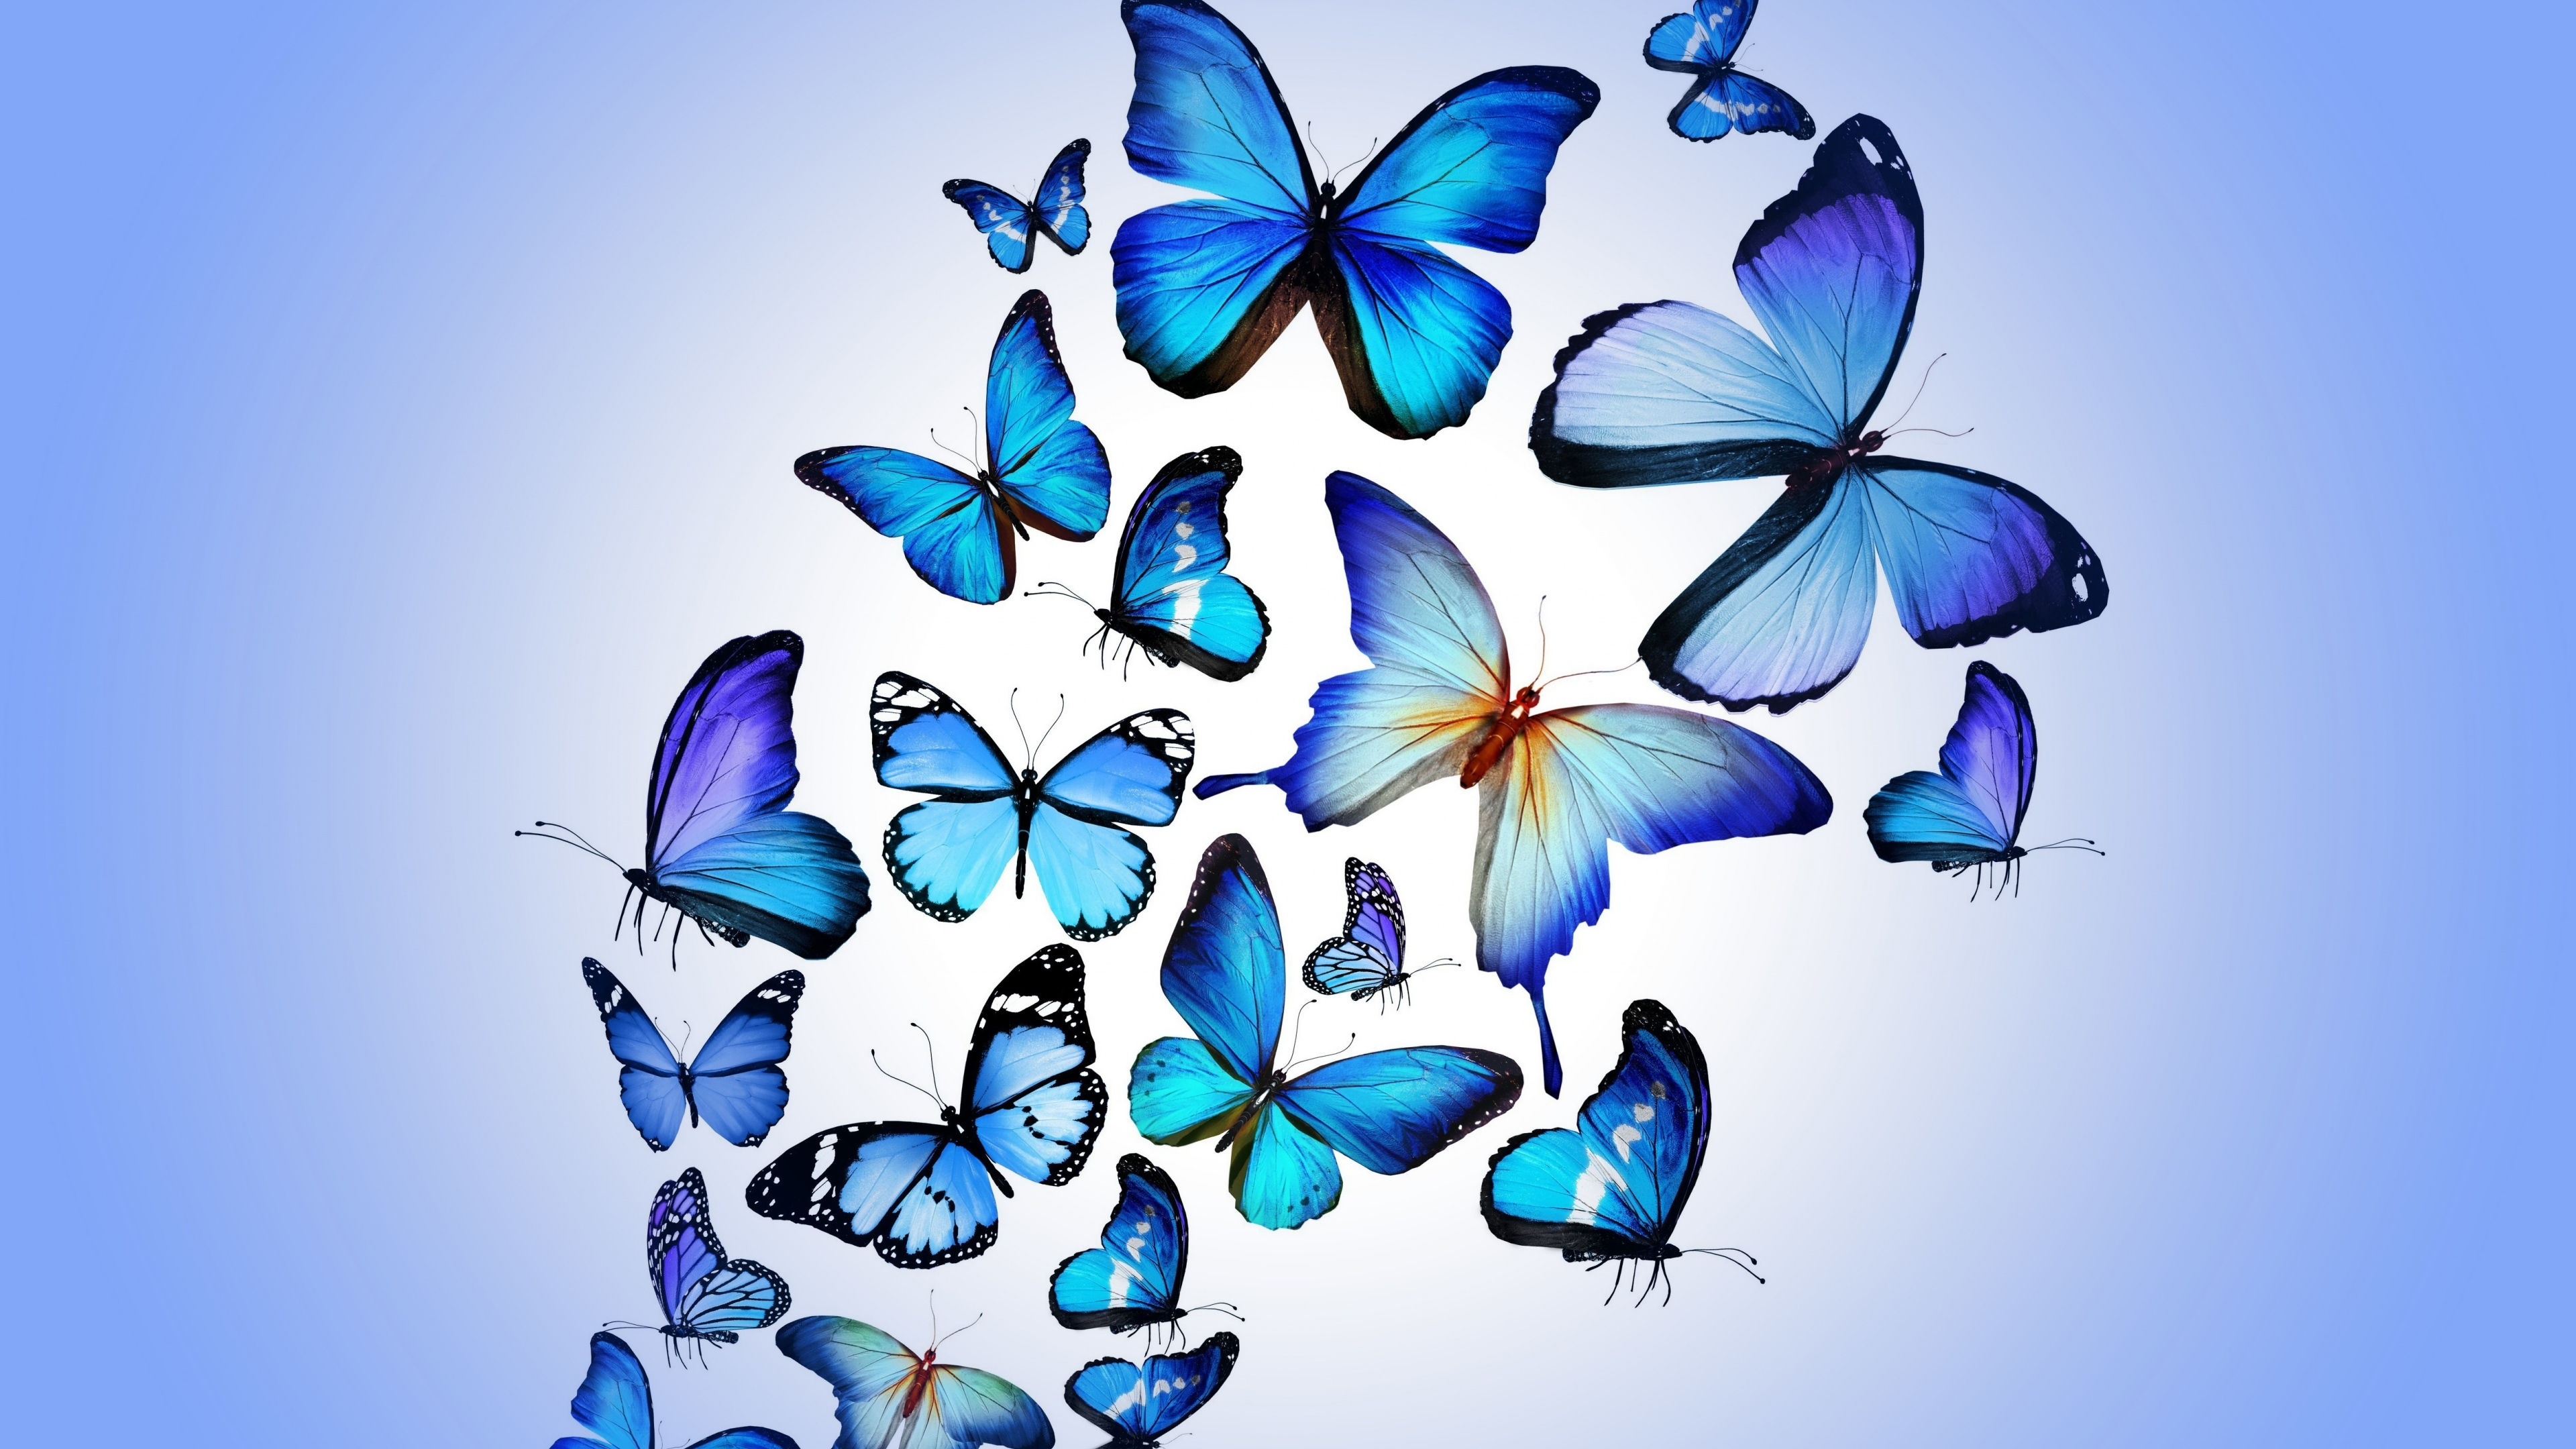 butterfly art 4k 1540748412 - Butterfly Art 4k - digital art wallpapers, butterfly wallpapers, artist wallpapers